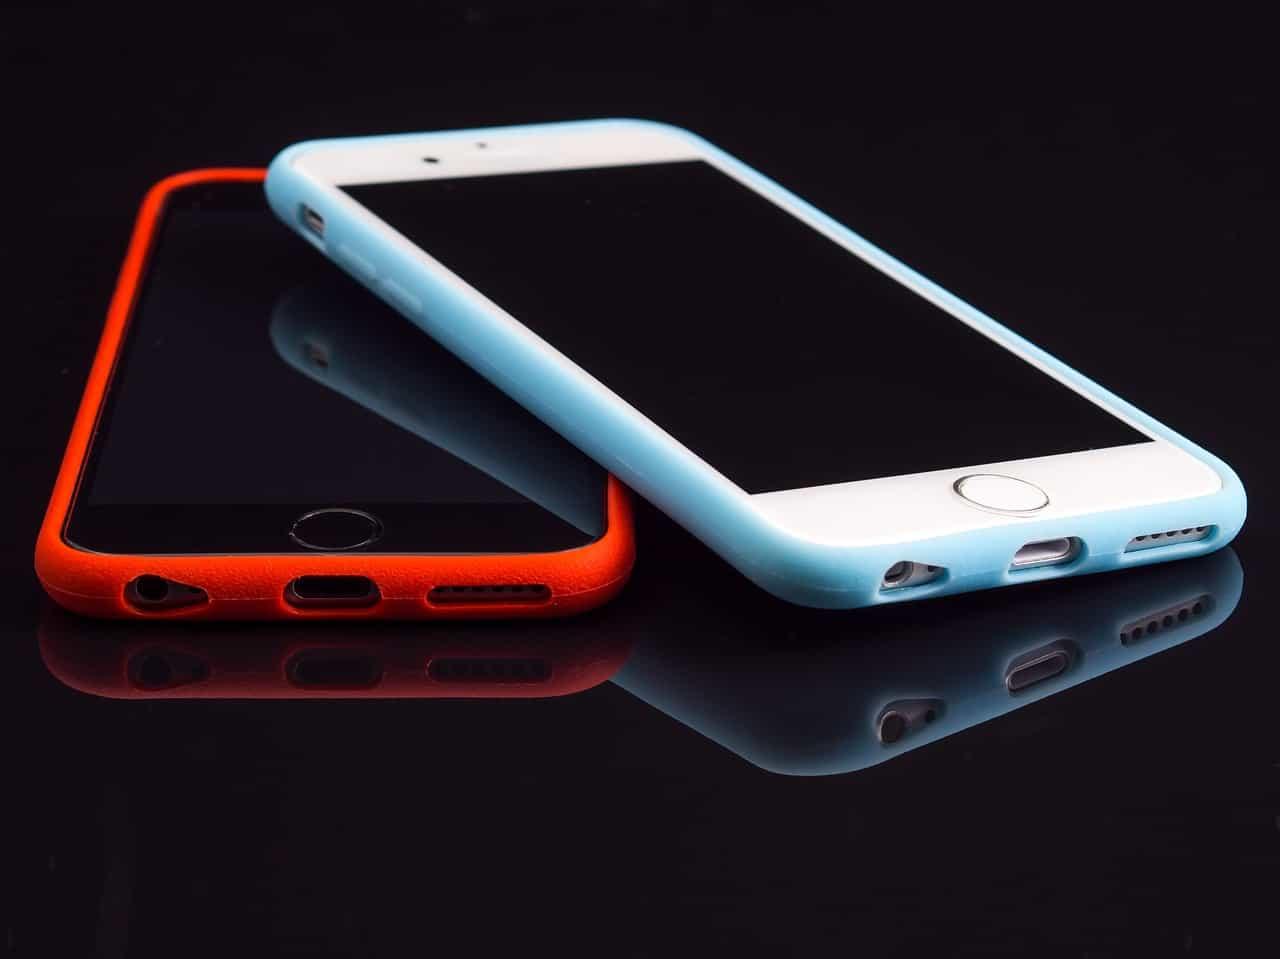 כיוסי לאייפון X מקורי